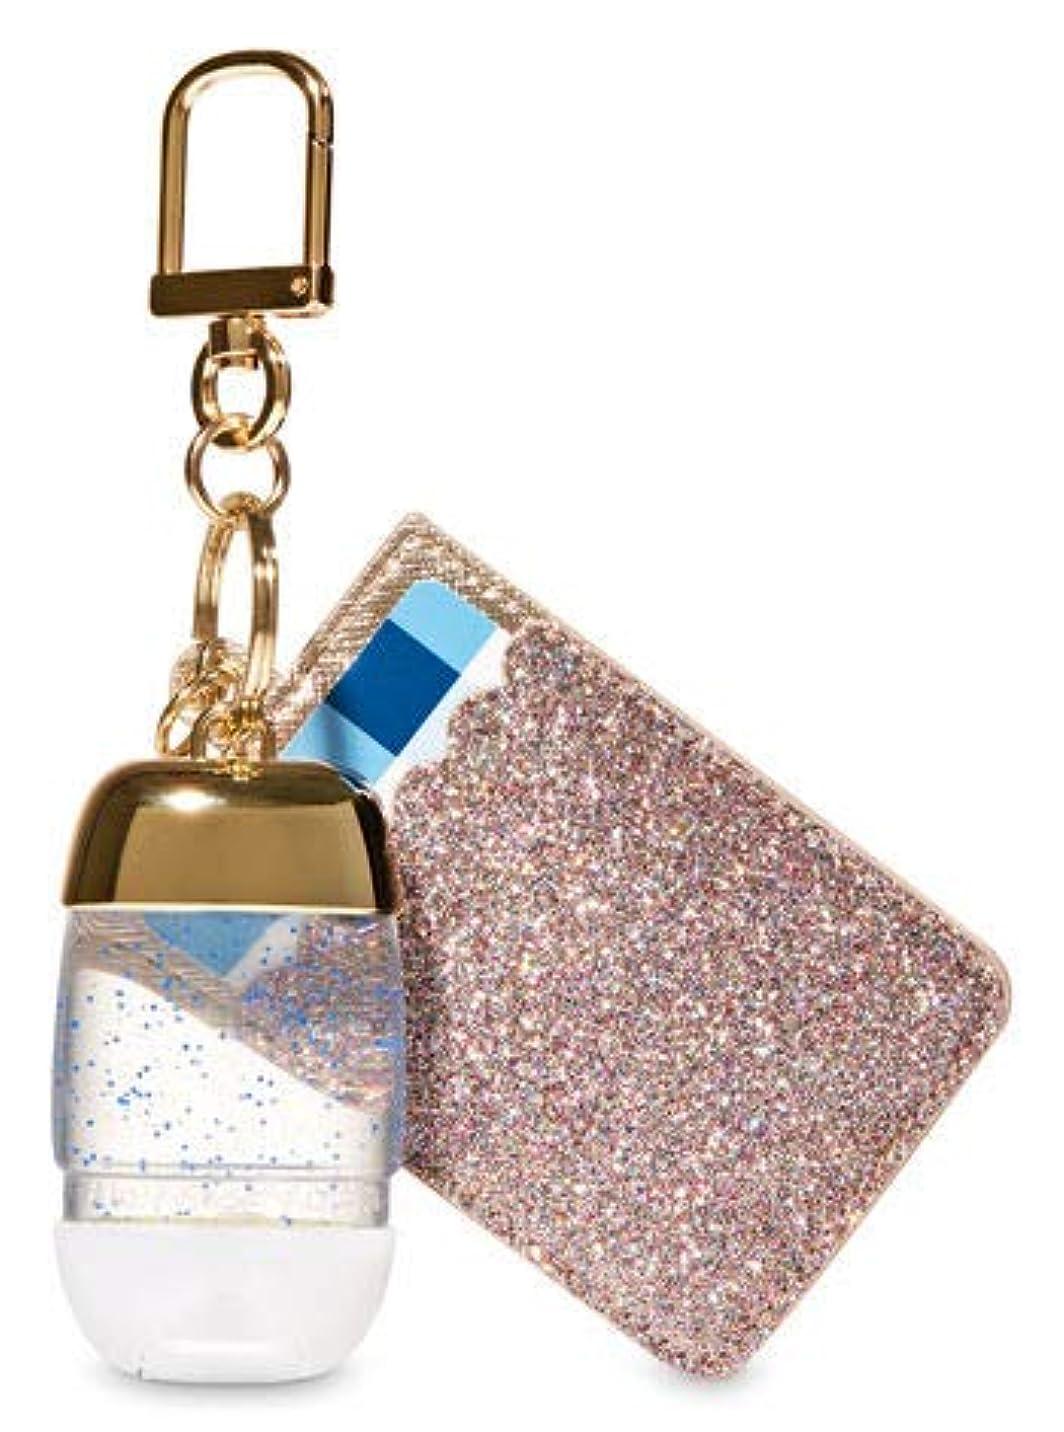 移動ゲージ代理人【Bath&Body Works/バス&ボディワークス】 抗菌ハンドジェルホルダー カードケース グリッターゴールド Credit Card & PocketBac Holder Glitterly Gold [並行輸入品]